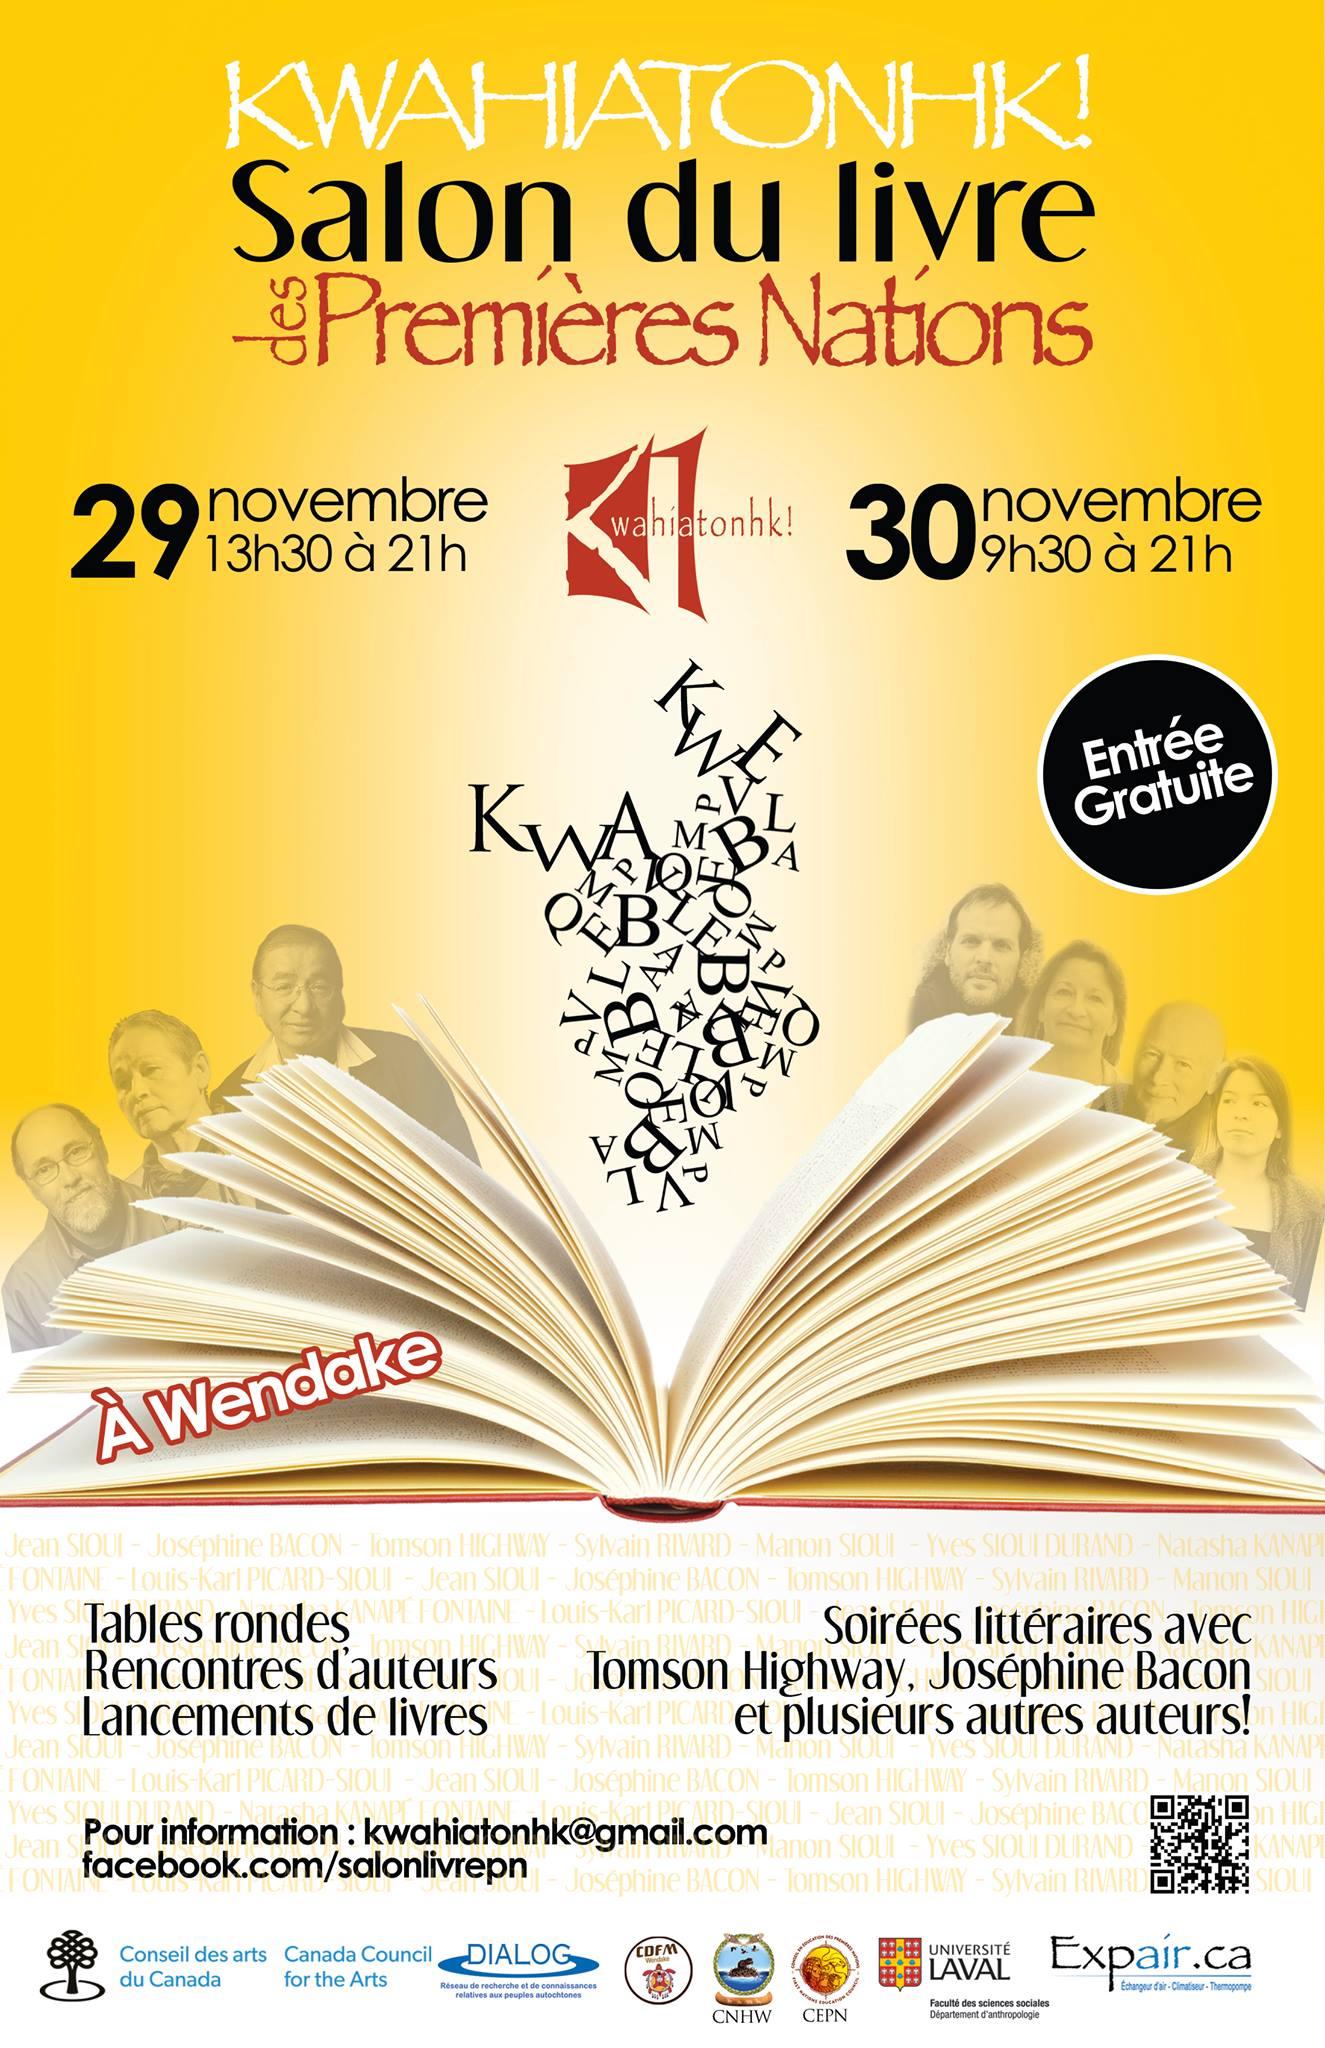 Salon du livre des premi res nations 2013 les 29 et 30 nov - Salon du livre troyes ...